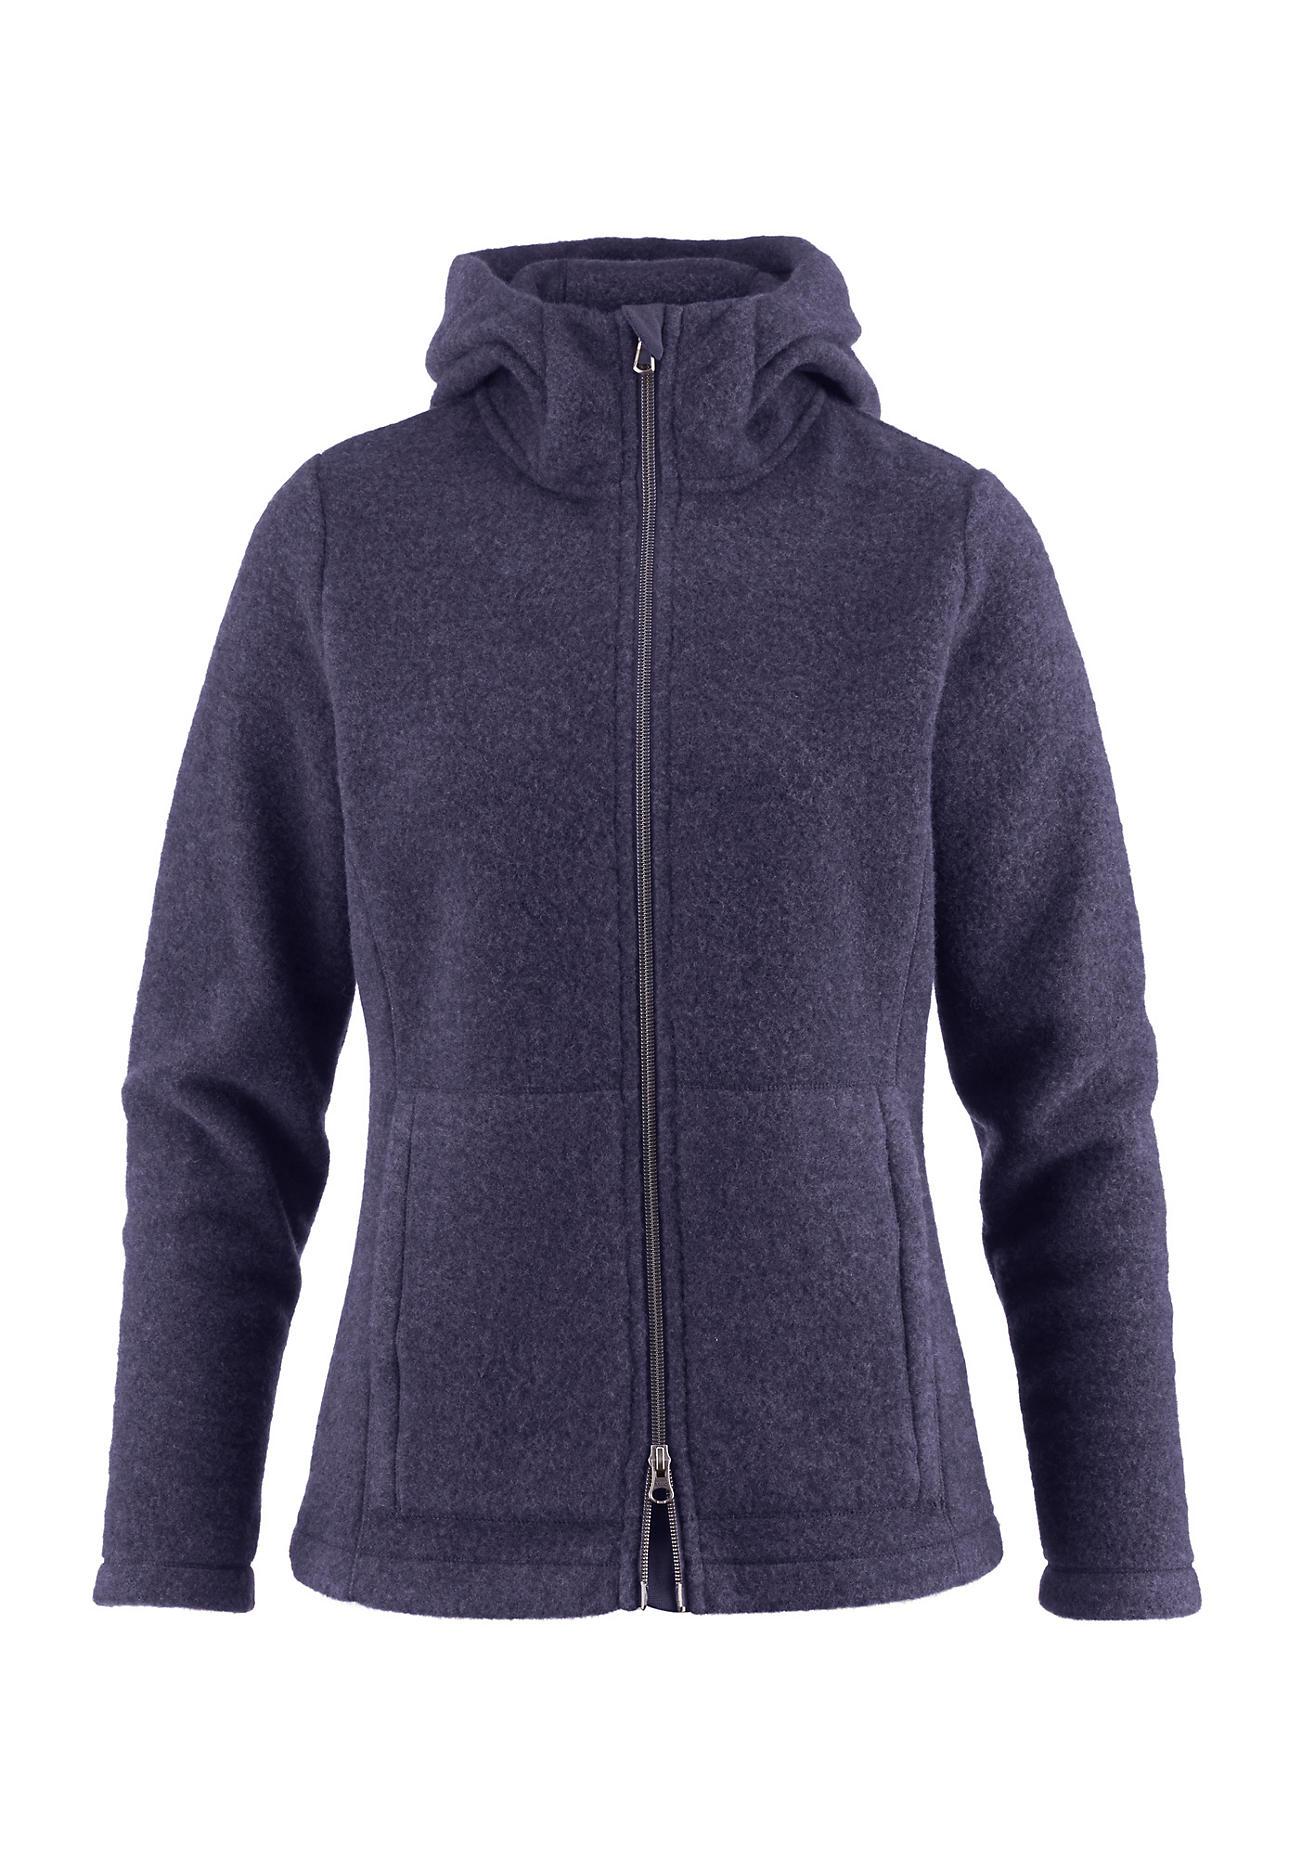 hessnatur Outdoor Wollfleece-Jacke für Sie aus Bio-Schurwolle – lila – Größe 44 | Sportbekleidung > Sportjacken > Outdoorjacken | Traube | hessnatur